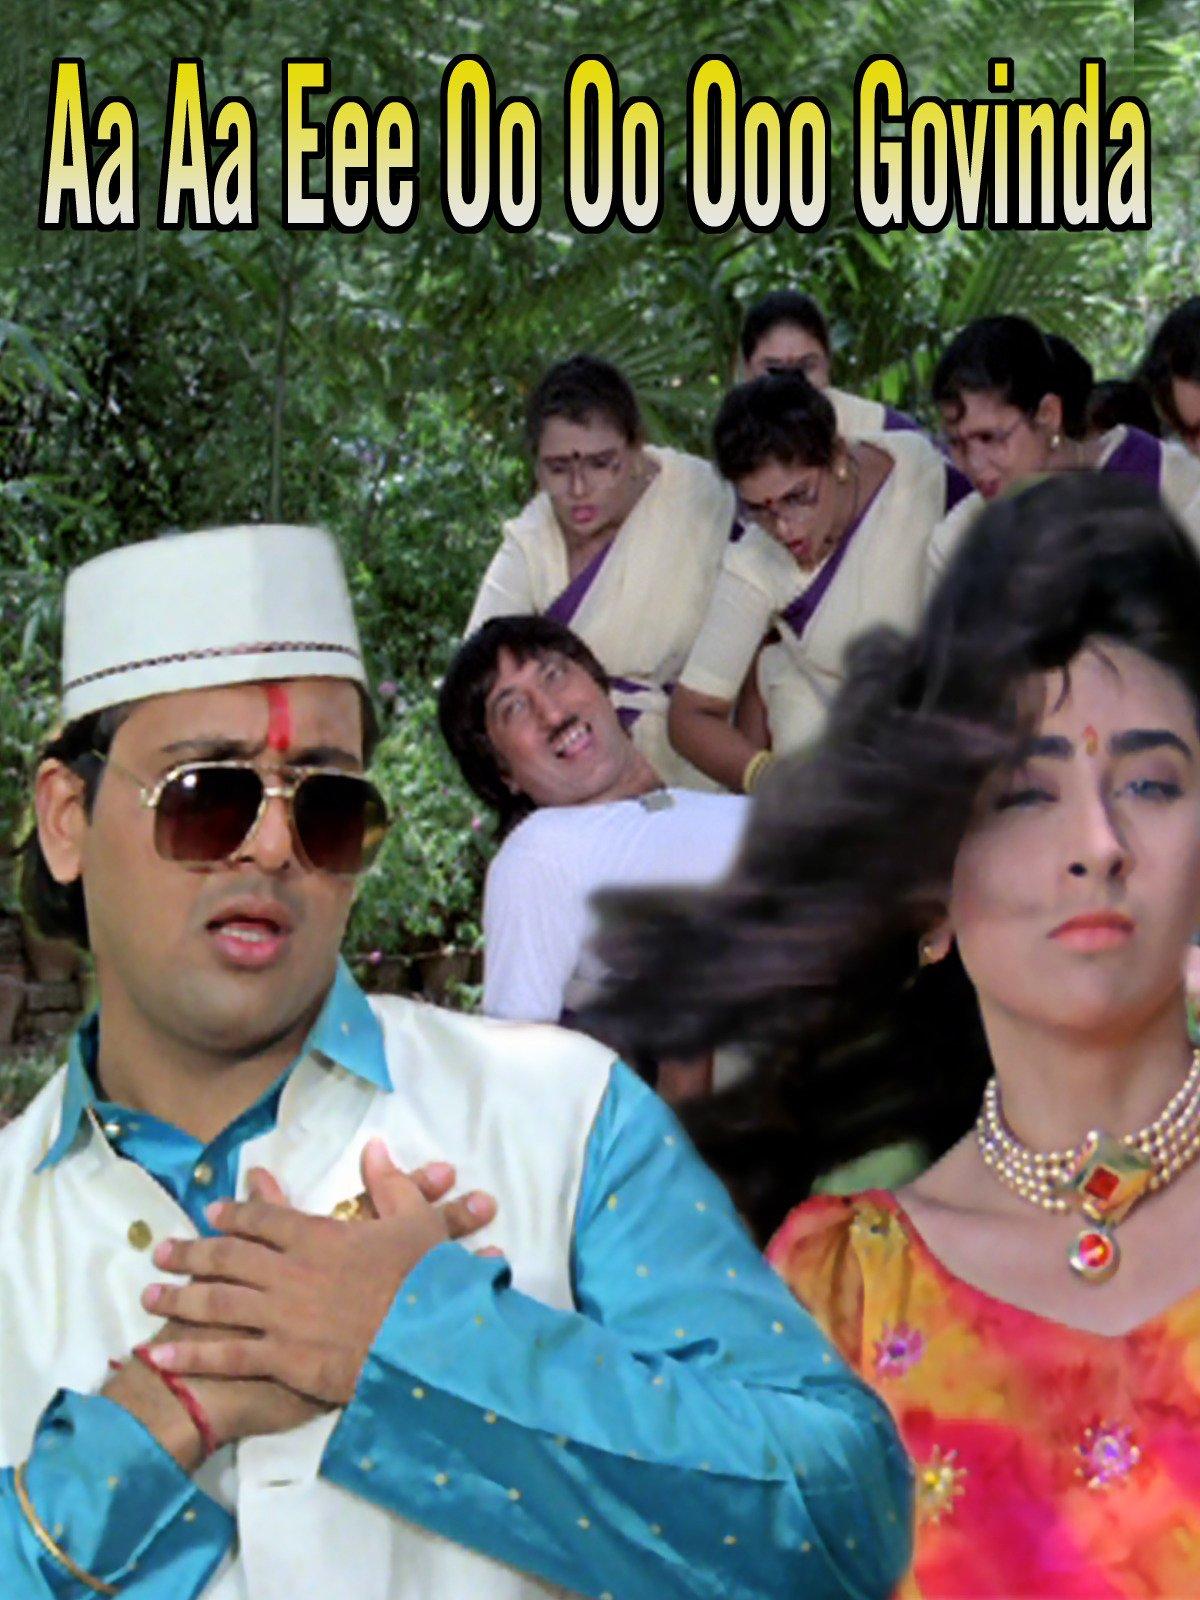 Aa Aa Eee Oo Oo Ooo Govinda.